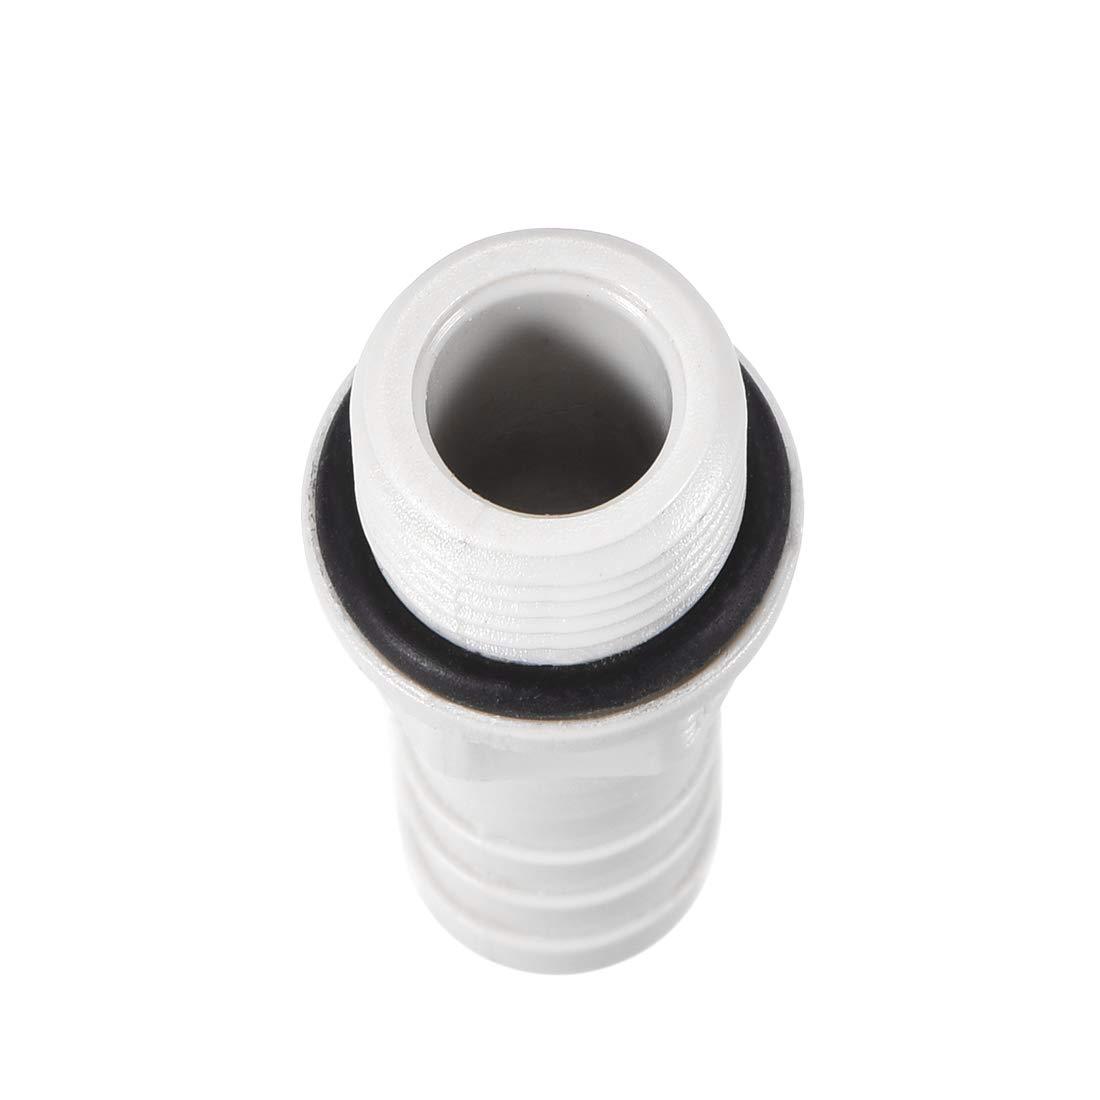 Adaptador de conector de manguera de PVC 10 mm o 25//64 pulgadas con p/úas x 1//4 pulgadas G macho, 20 unidades Sourcingmap